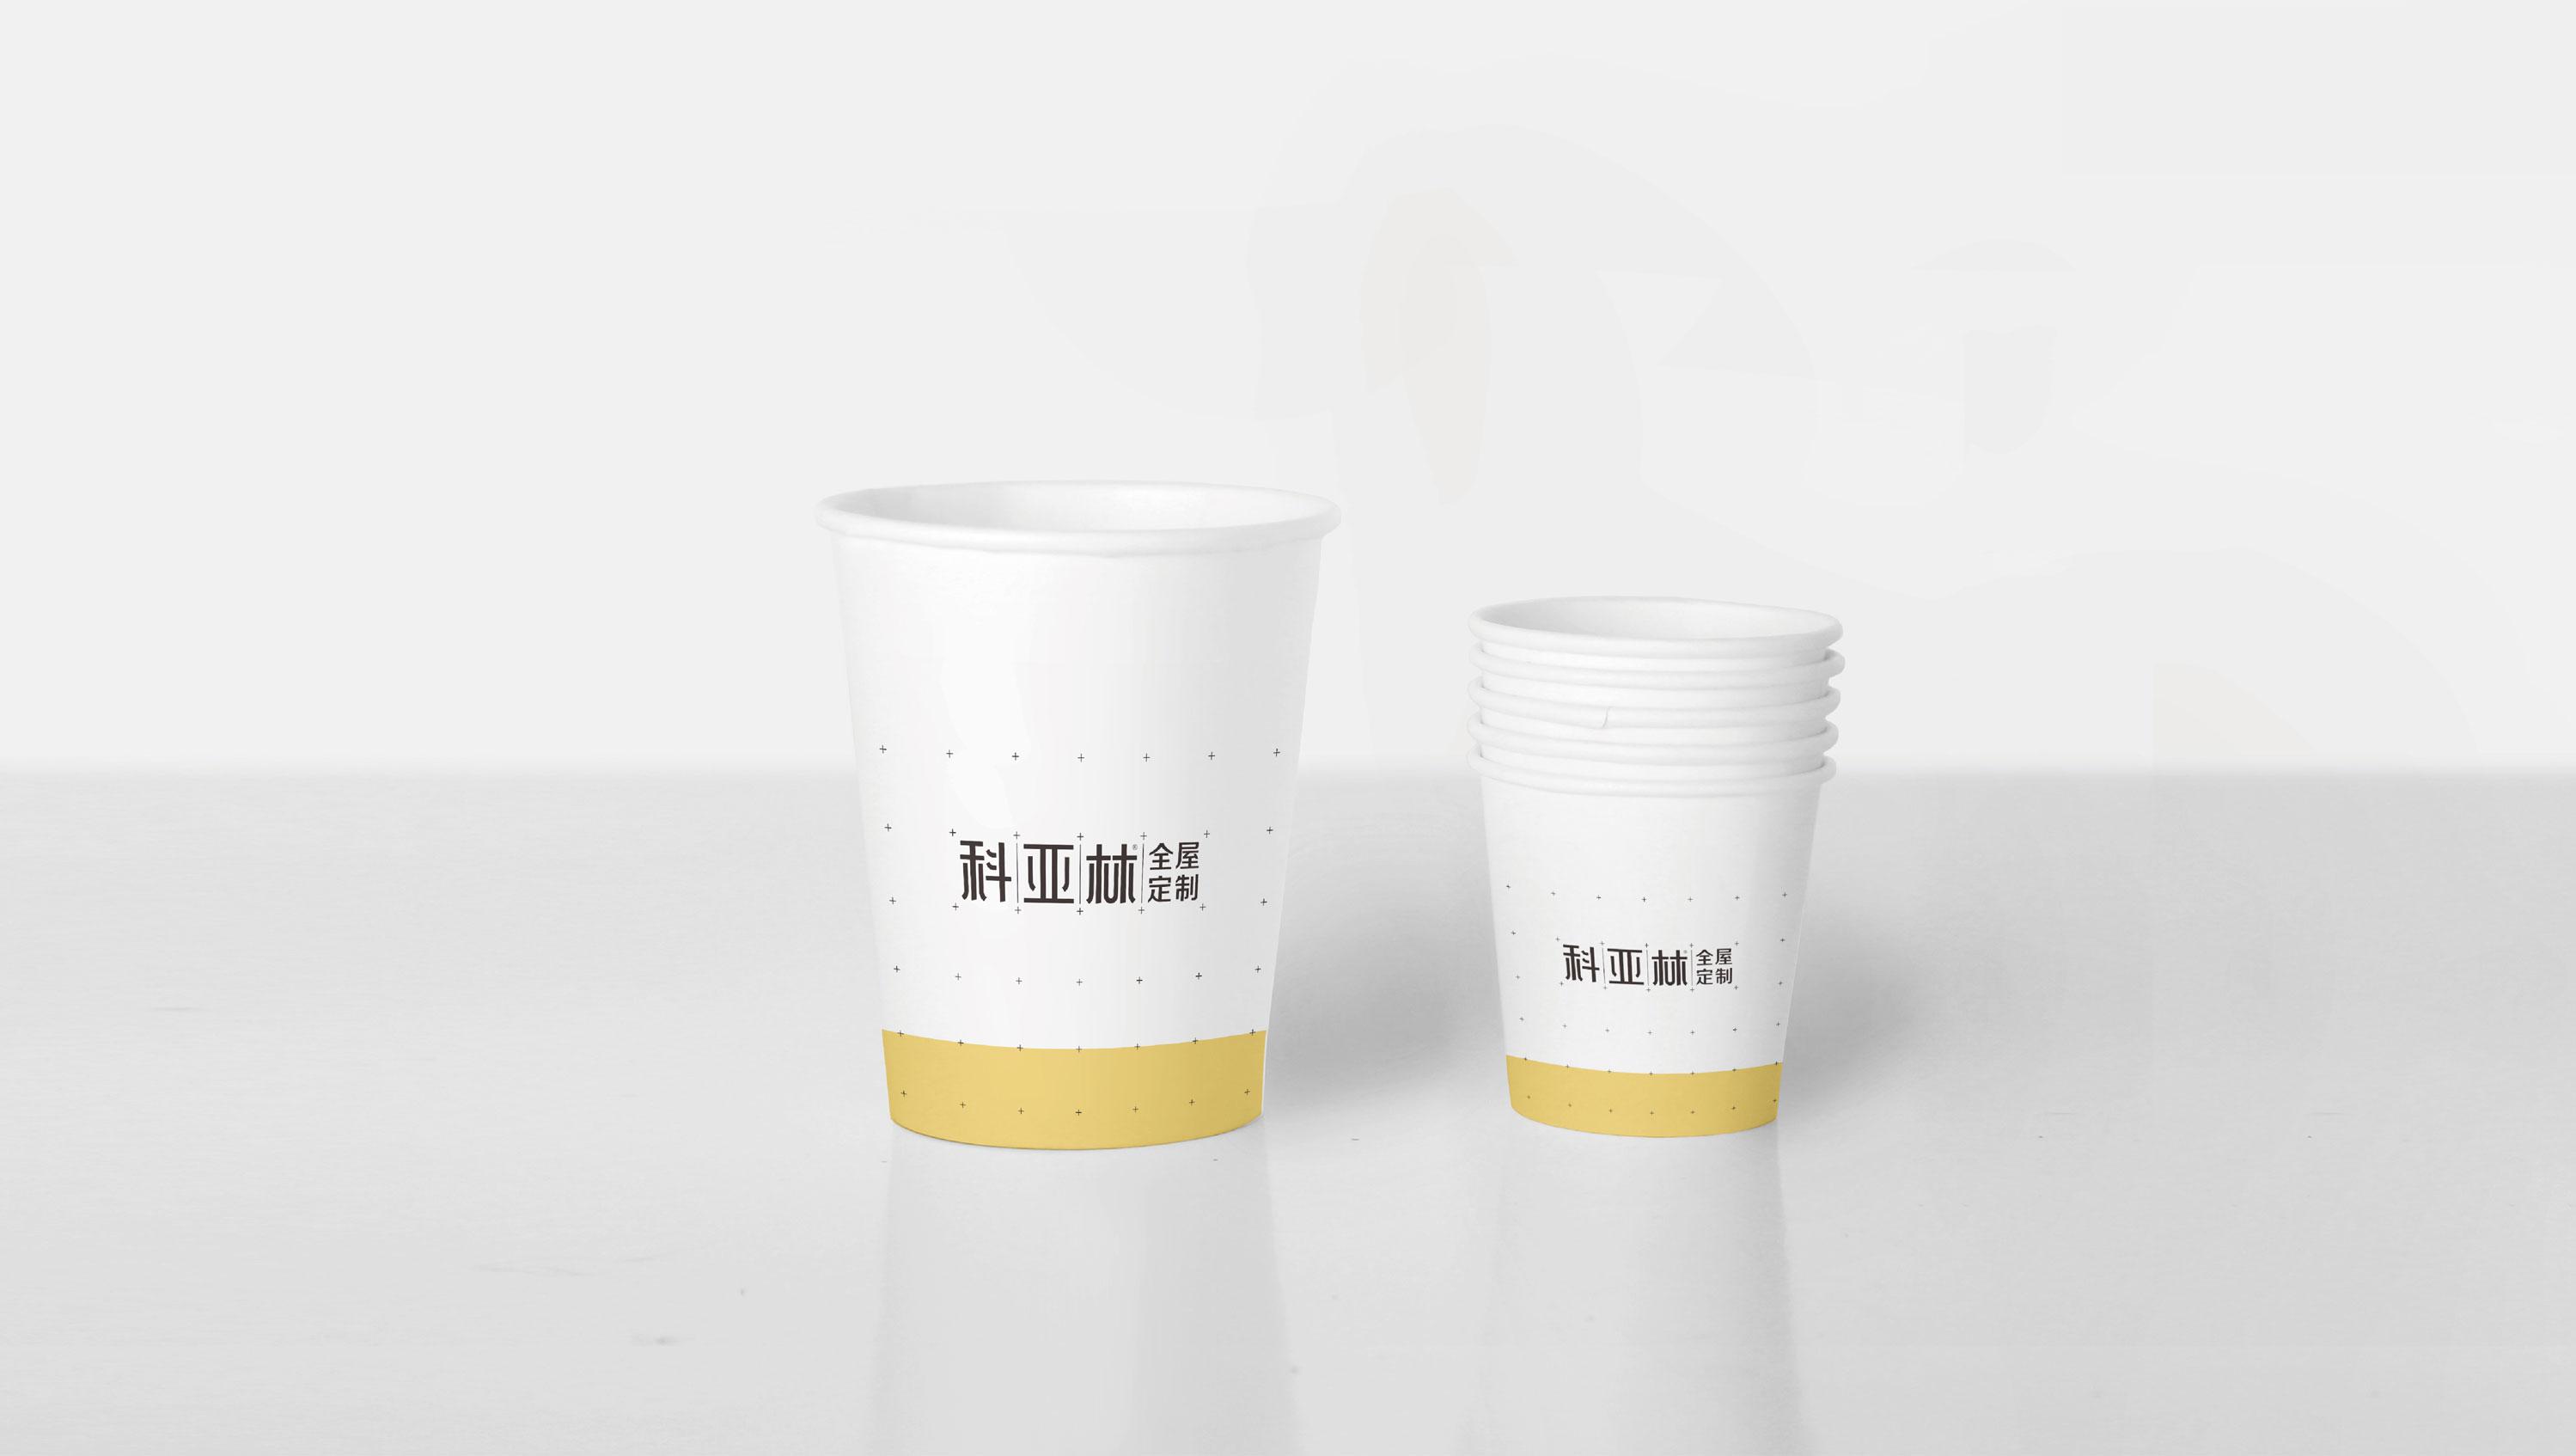 懿木品牌设计-亨巴克10